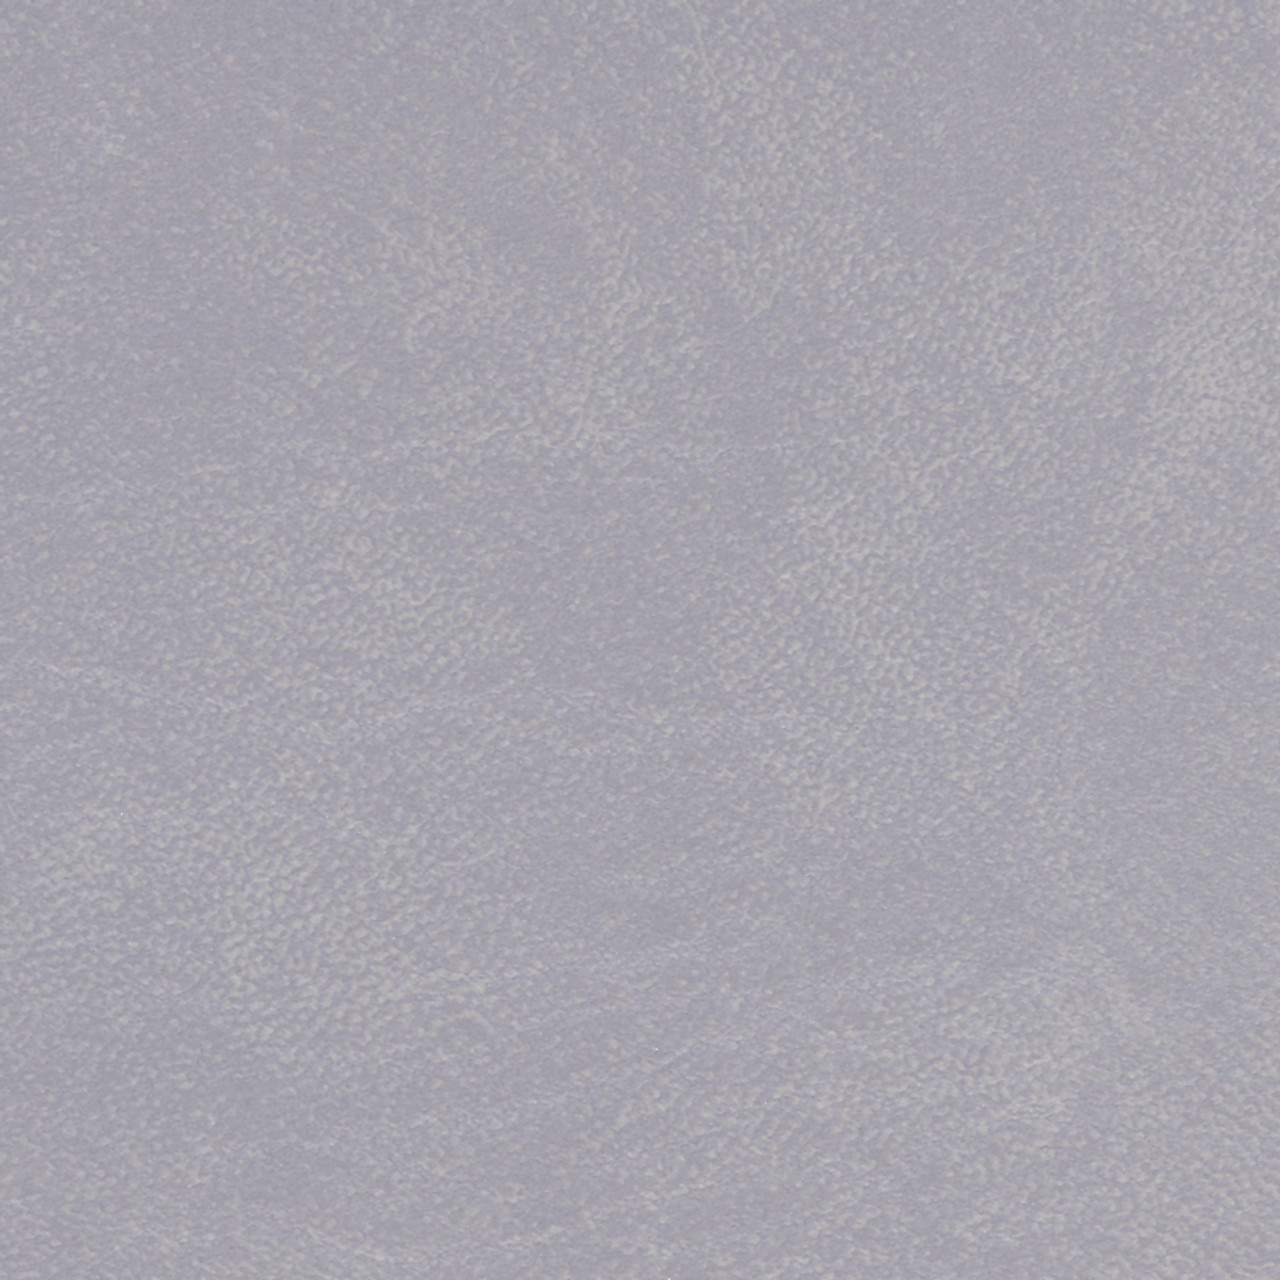 Seabreeze SEA-853 Mist